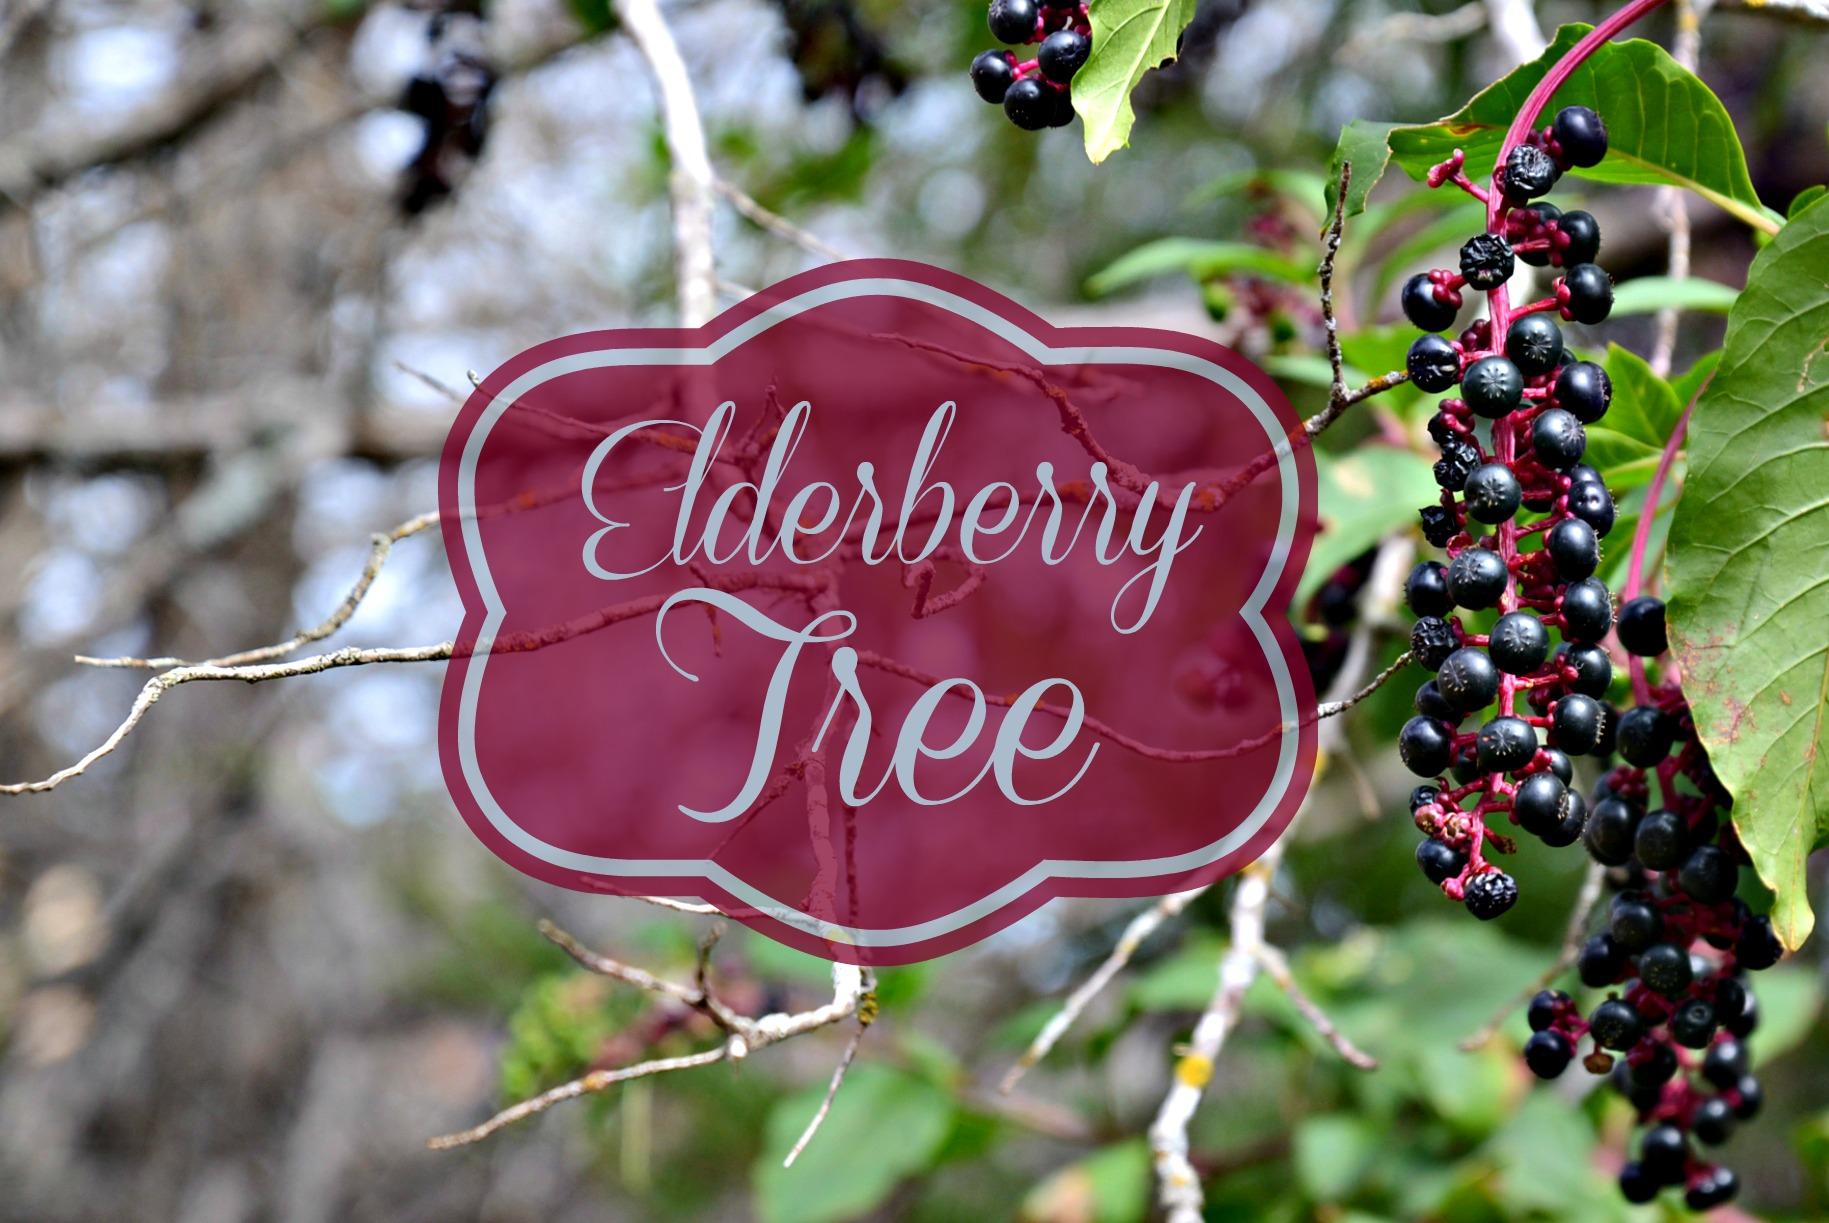 Black Berries Red Vines Elderberries